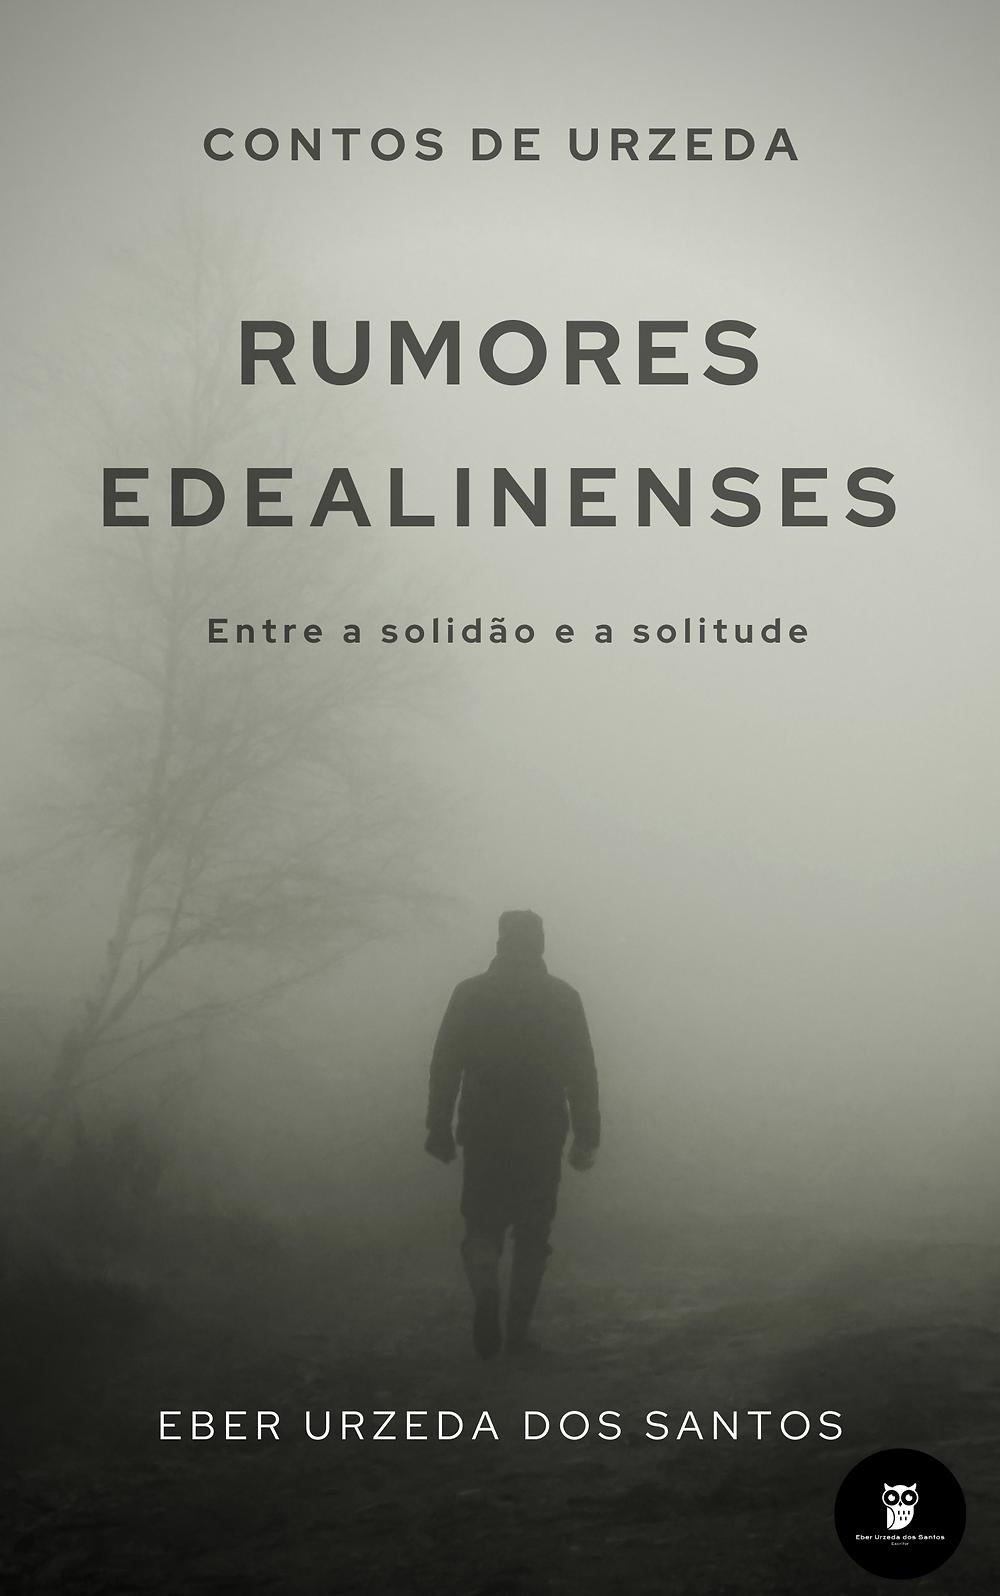 Conto: Rumores edealinenses, entre a solidão e a solitude